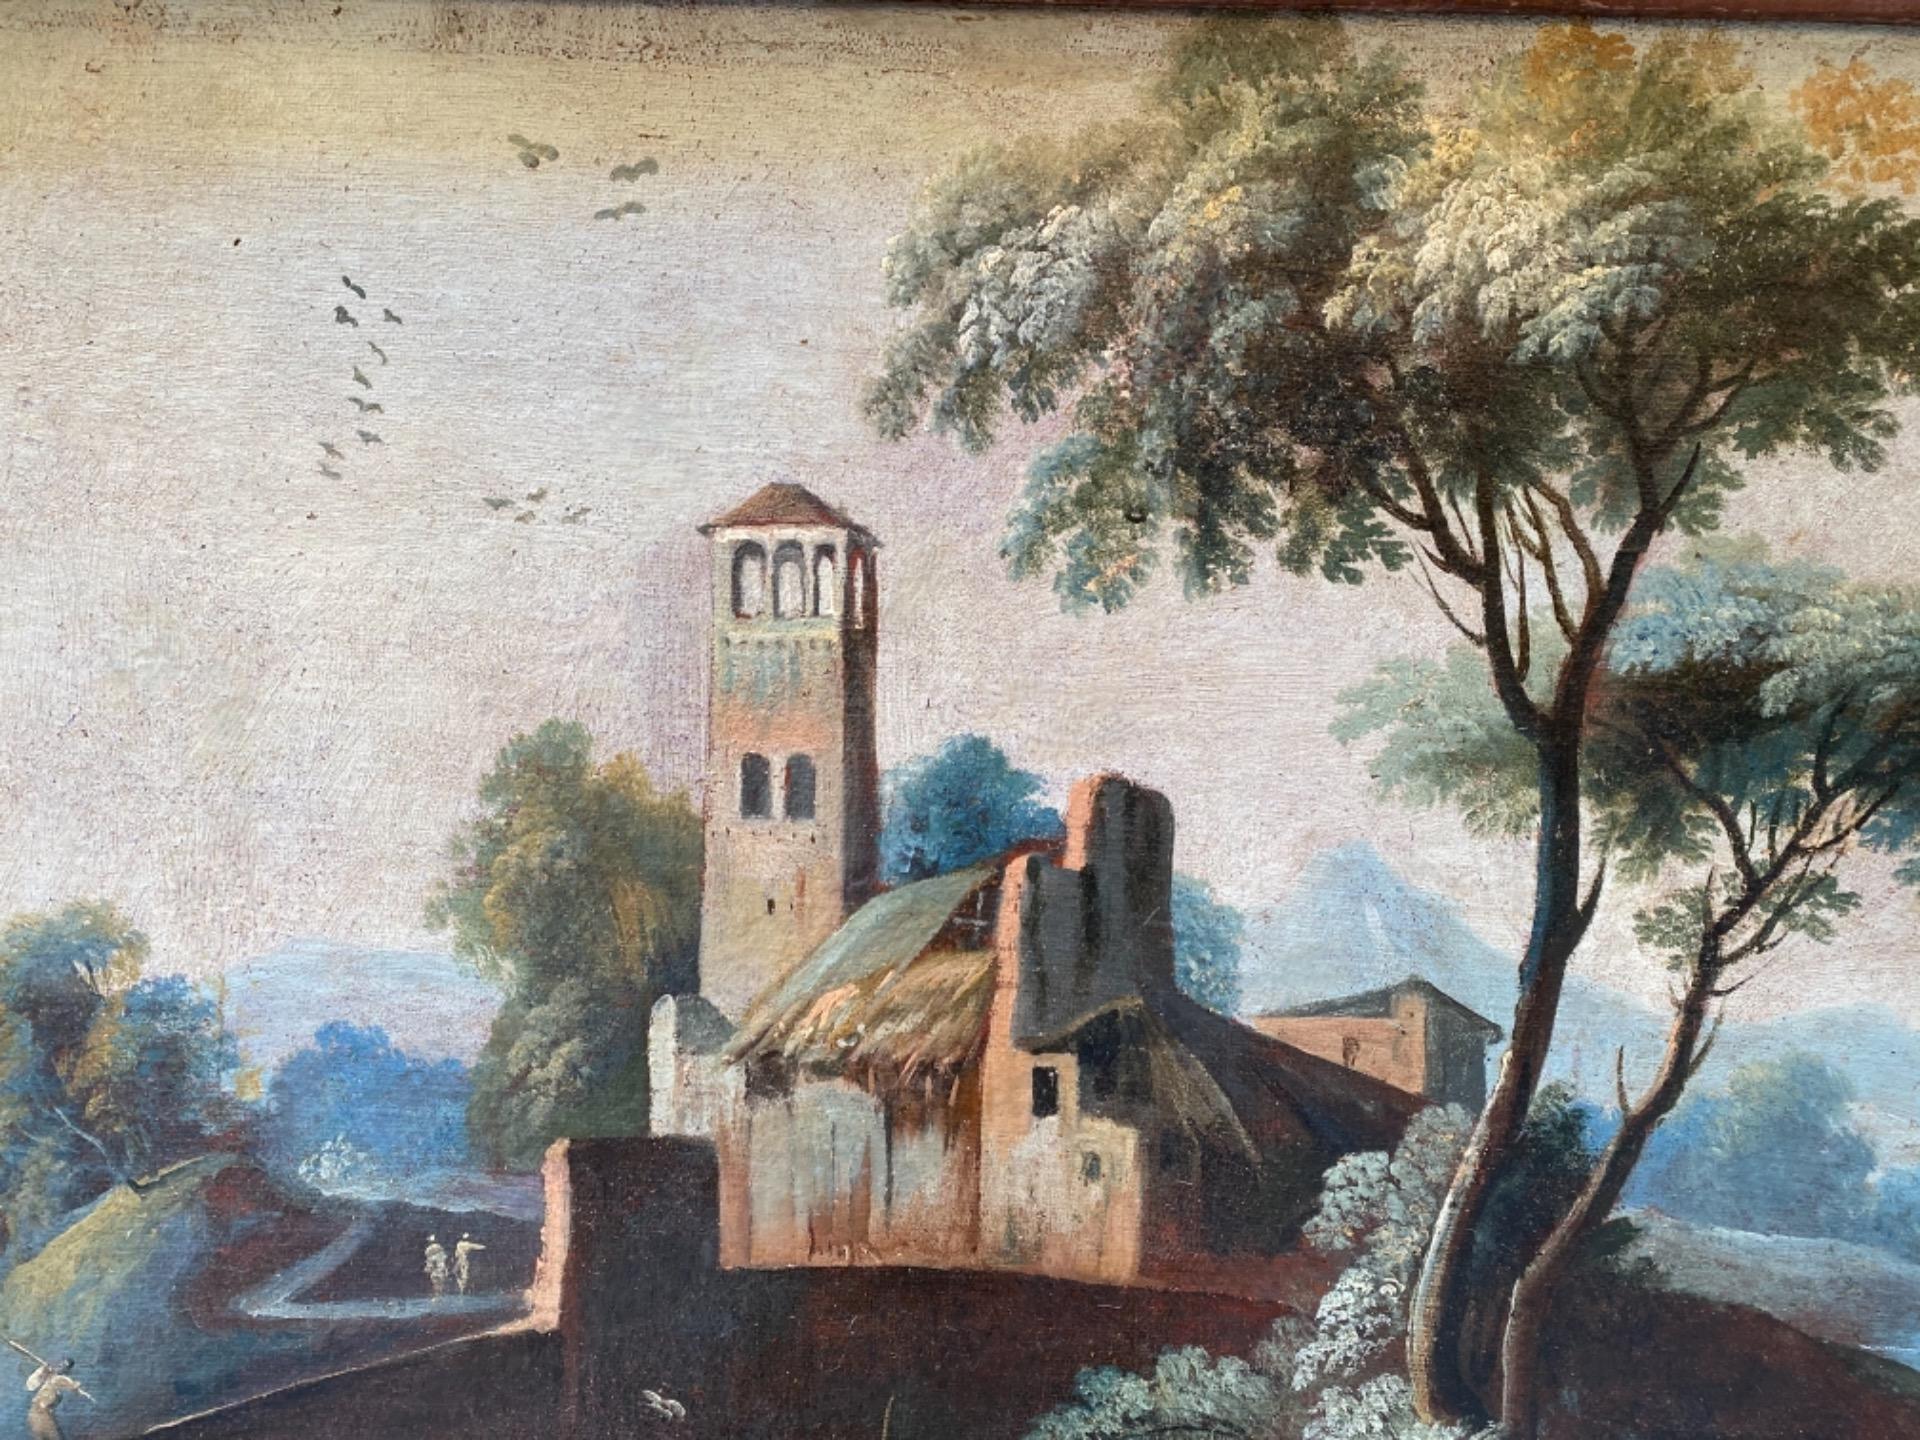 thumb2 Paesaggio - olio su tela